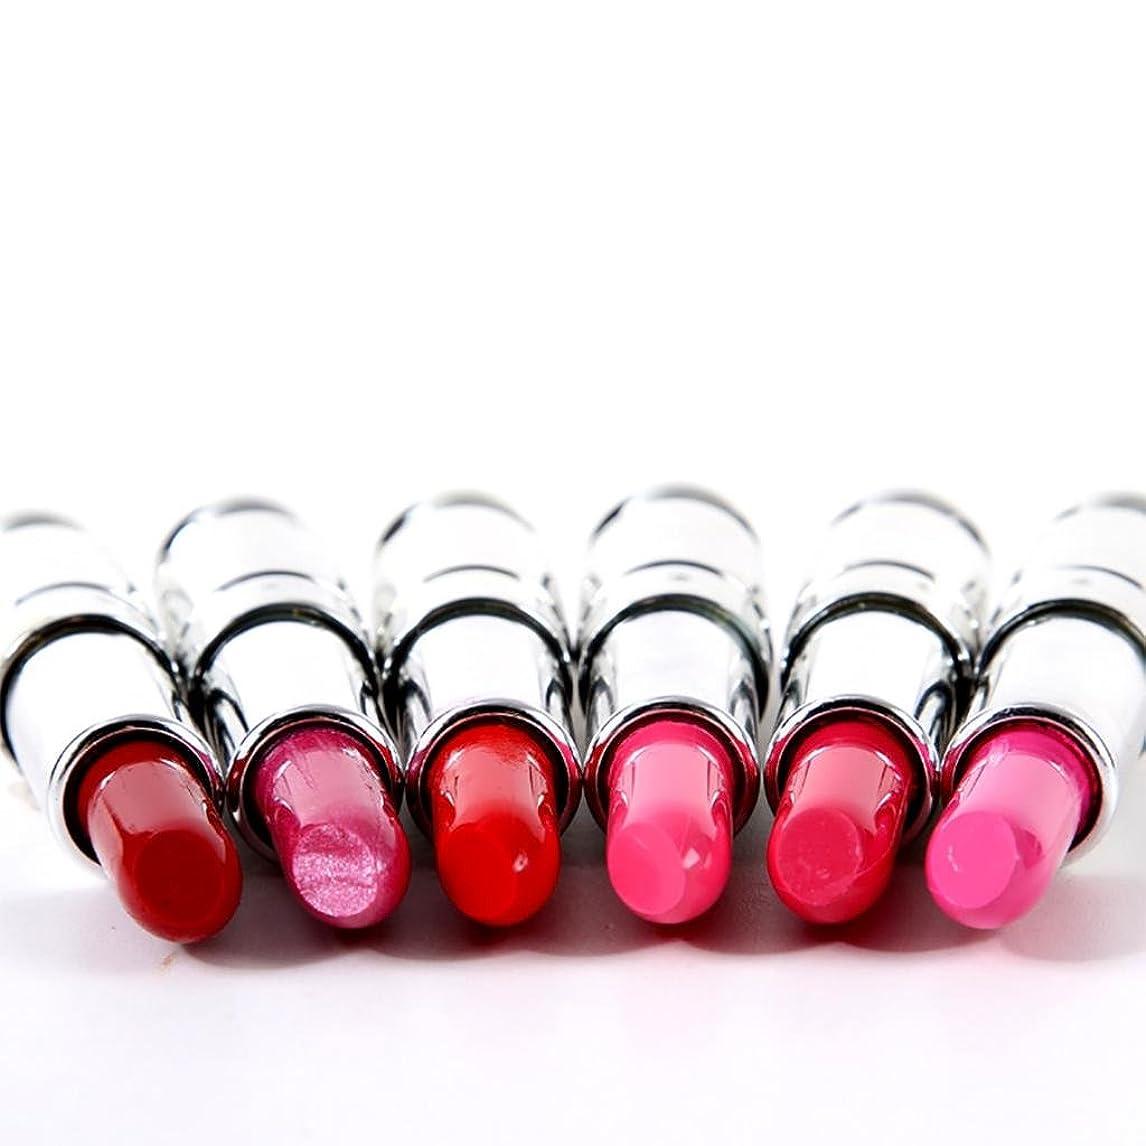 ポップ宇宙船動的T TOOYFUL リップスティック 口紅 セット 潤い 人気色 唇メイク 6色入り